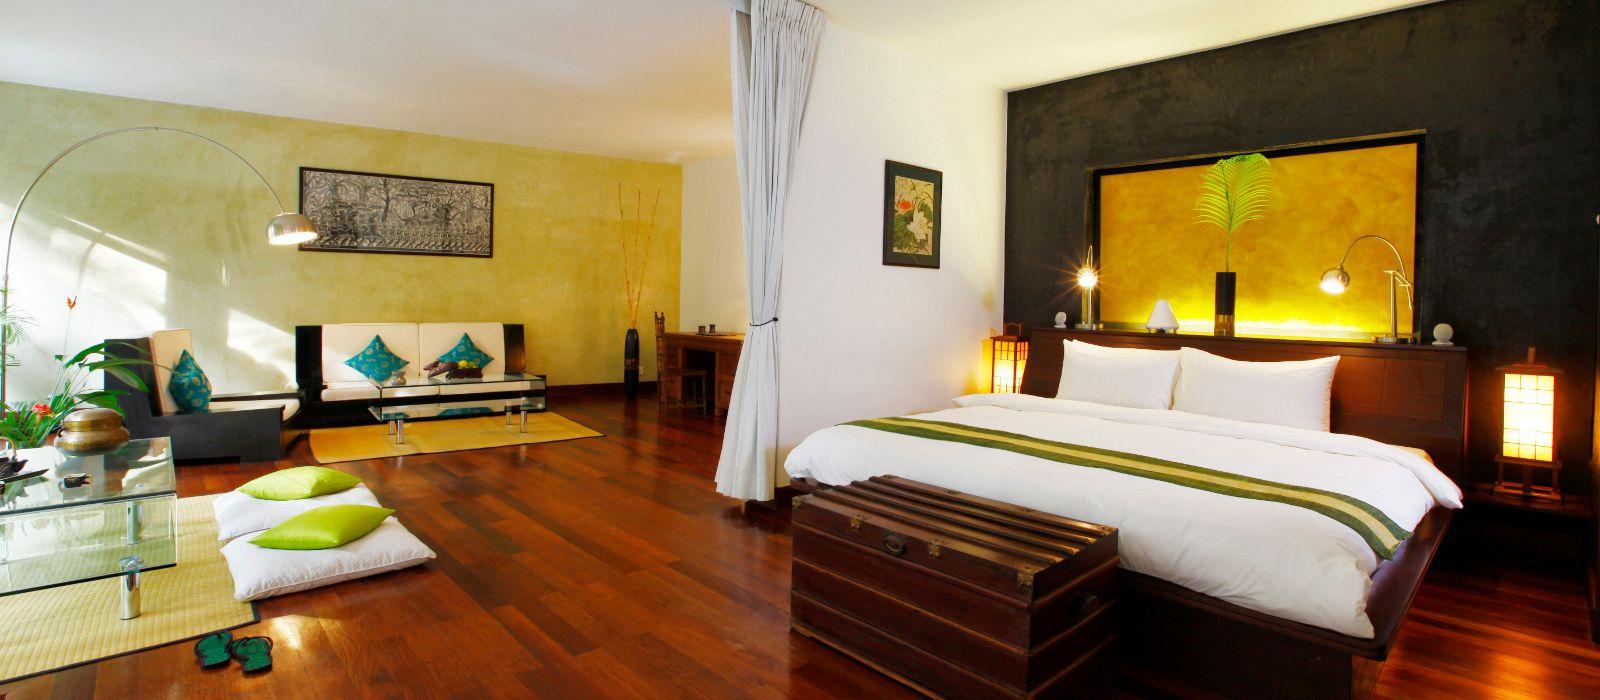 Hotel Heritage Suites  – Siem Reap Cambodia